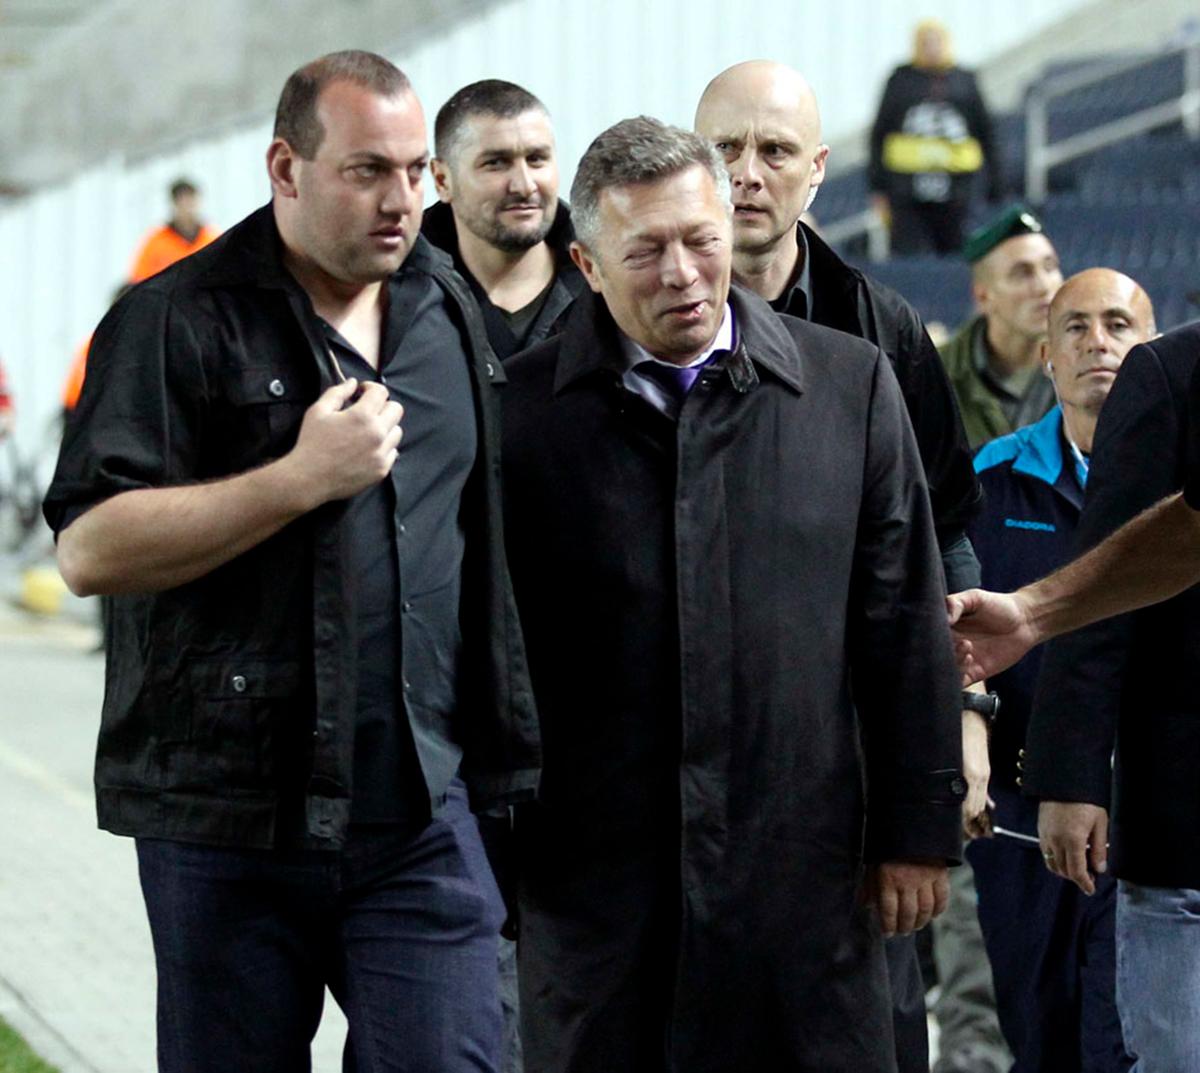 Второй слева — Руслан Геремеев. Фото: Berney Ardov